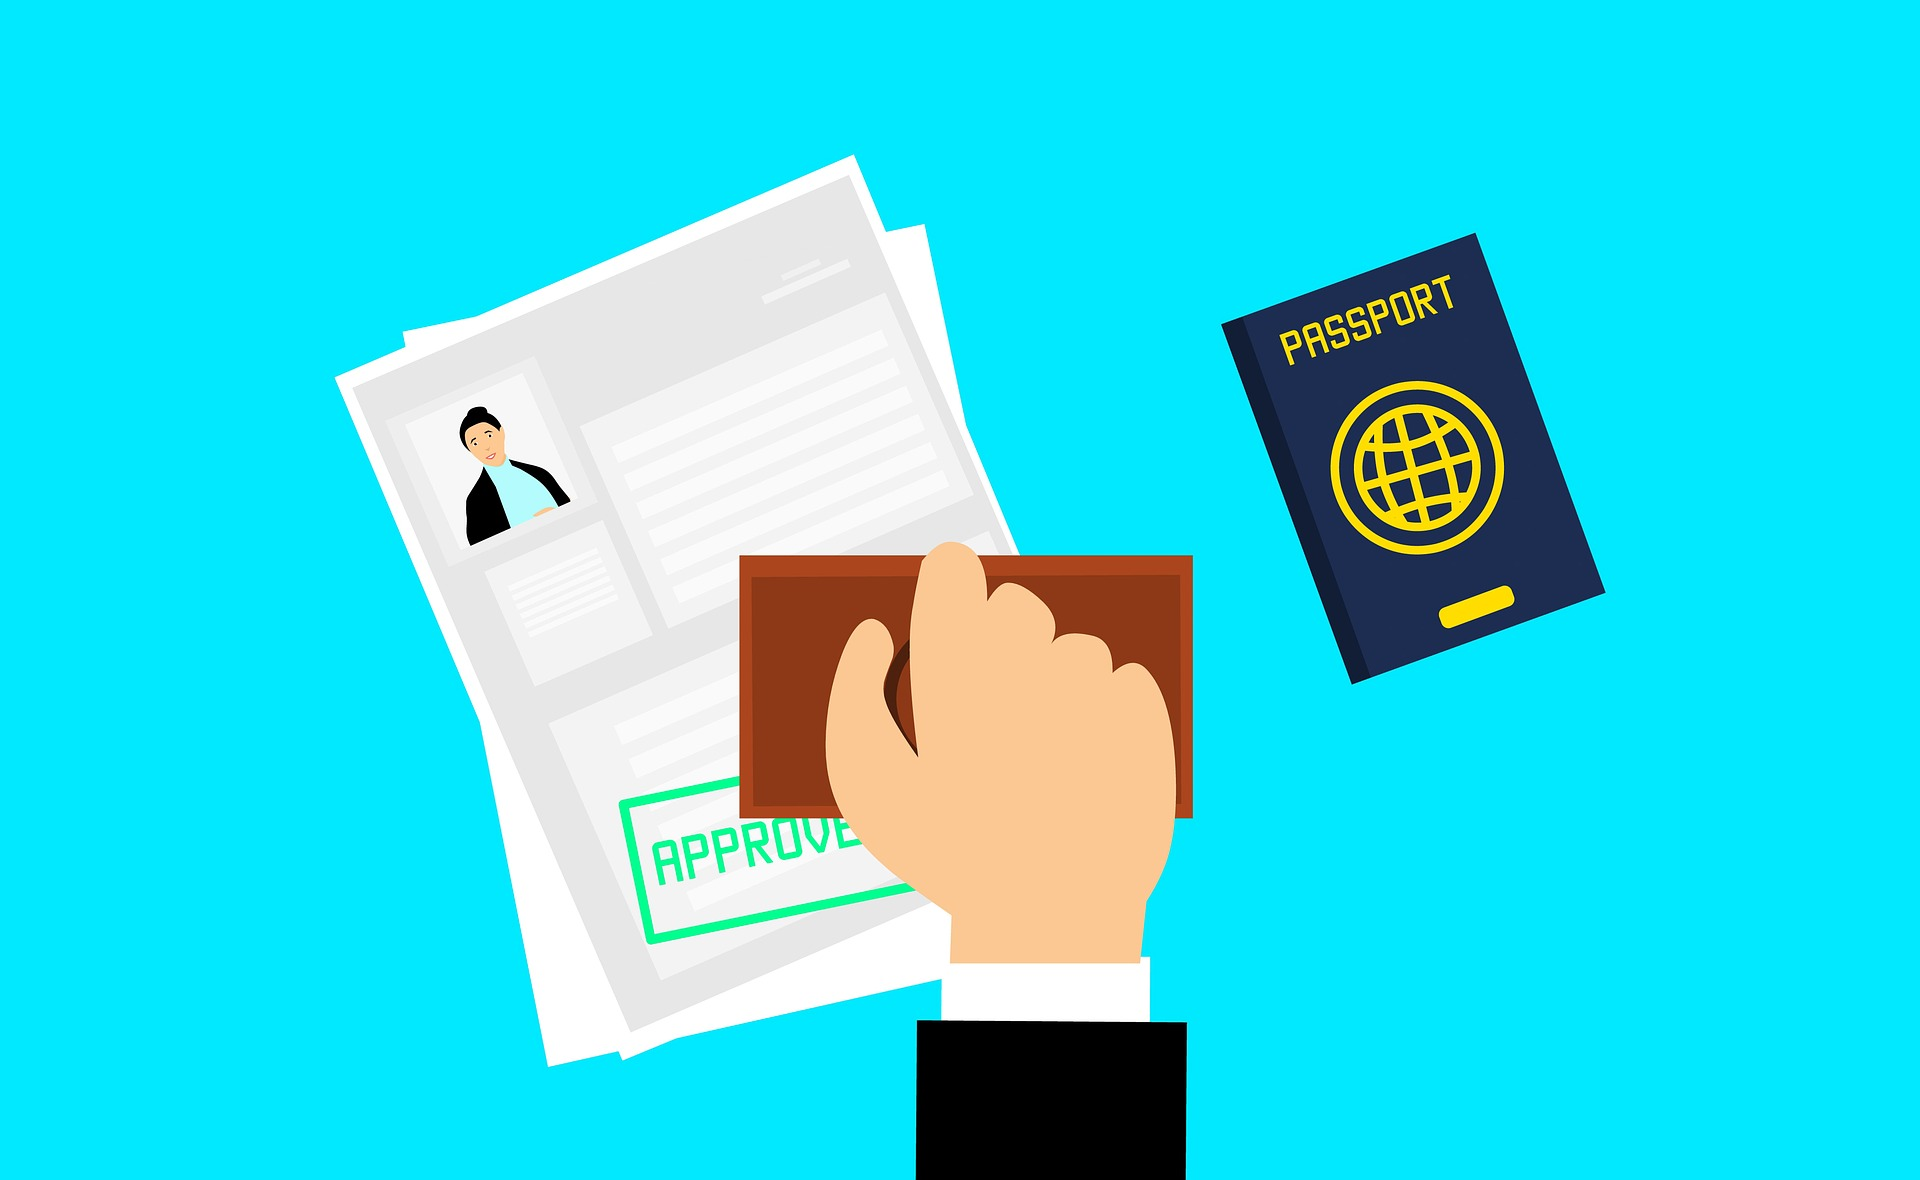 Wanneer Wordt Er Gevraagd Naar Uw Visum?